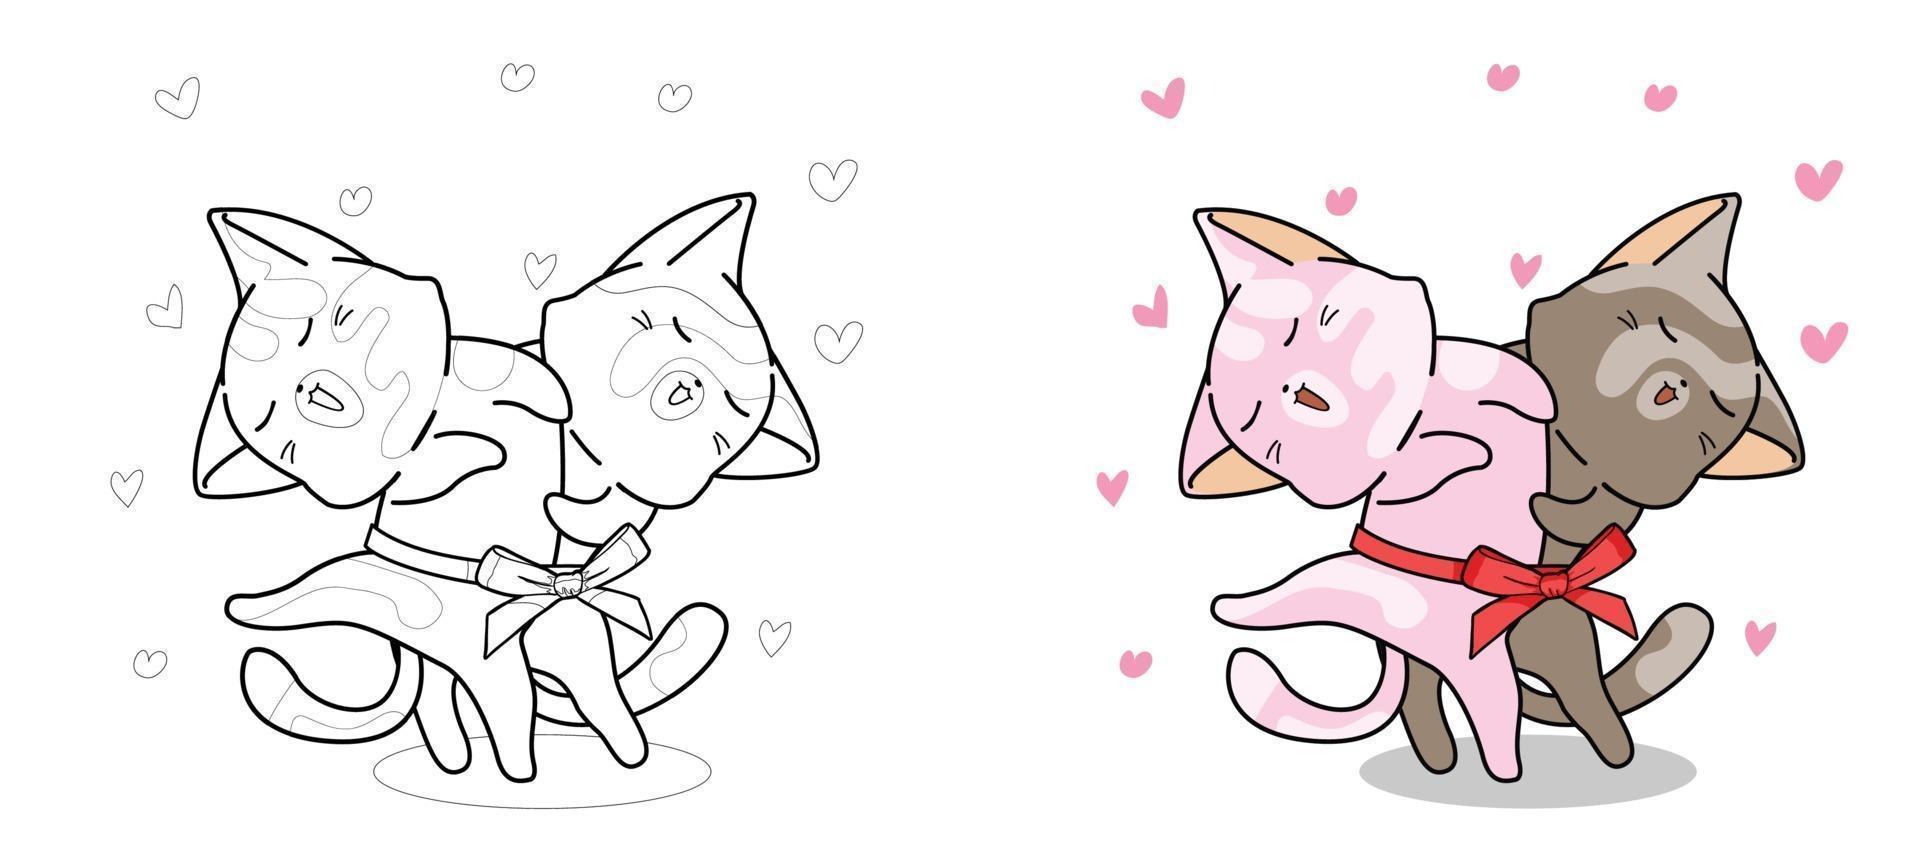 söta katter dansar tecknade målarbok för barn vektor